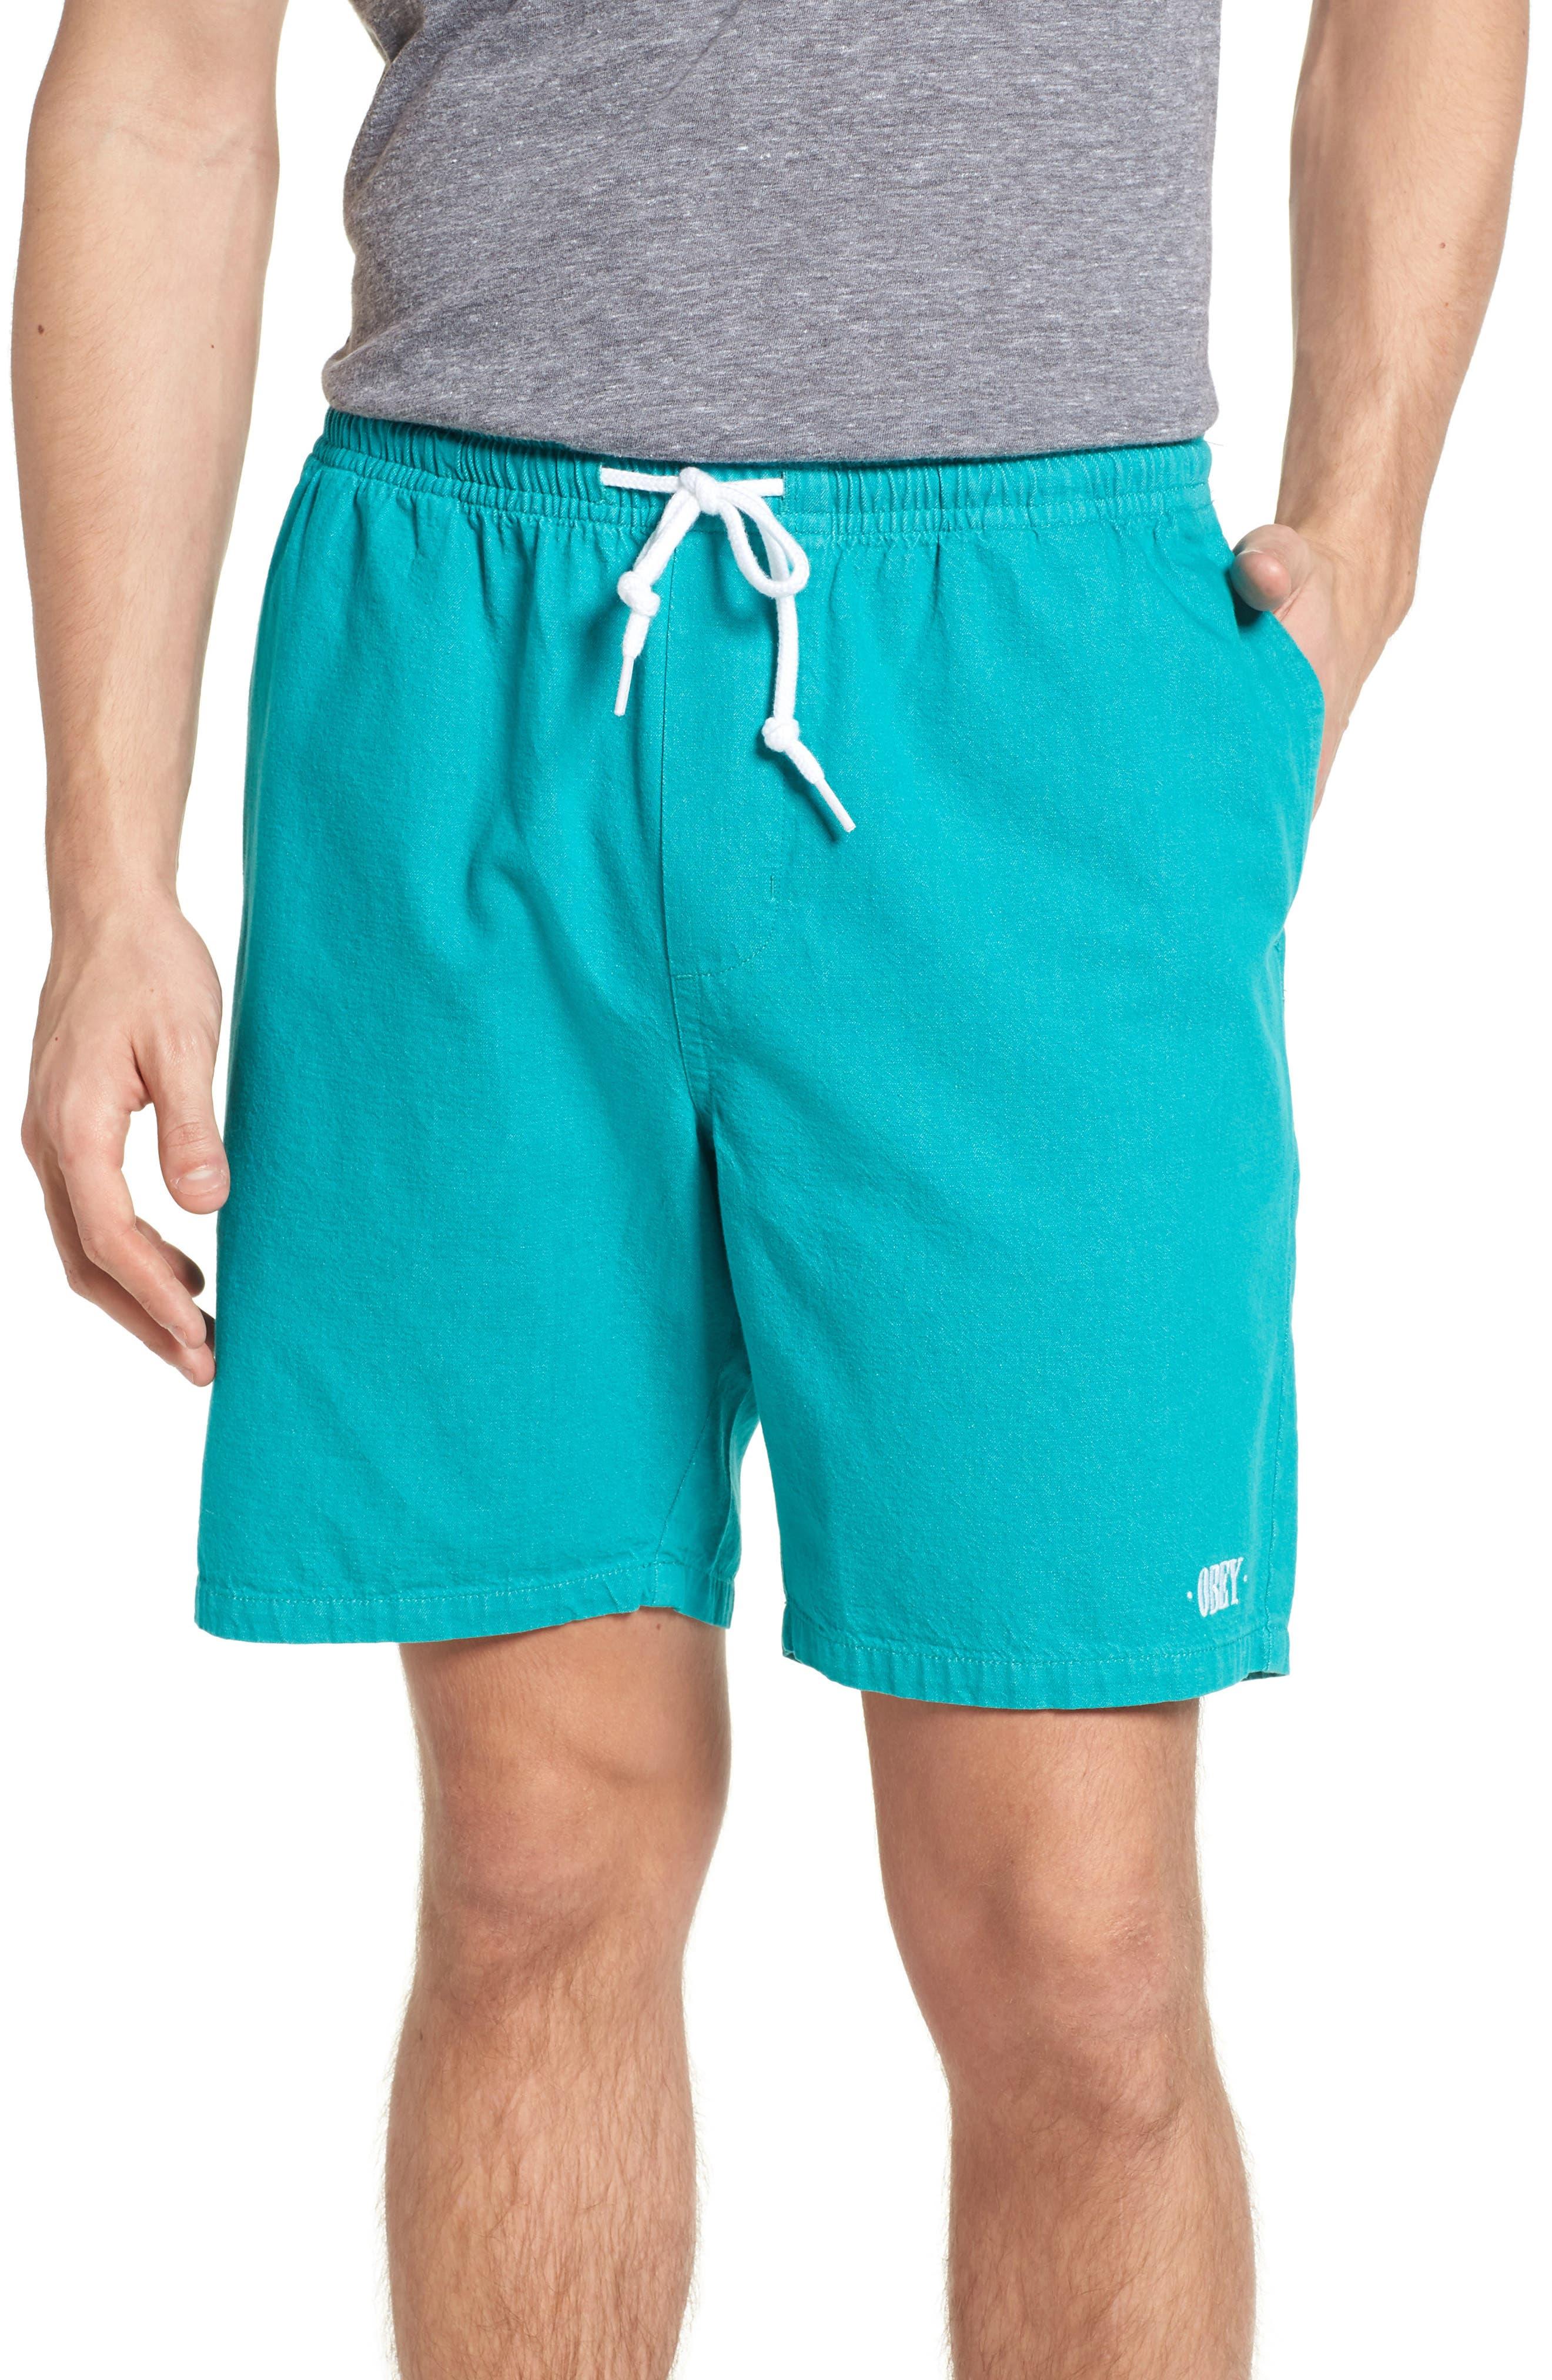 Keble Drawstring Shorts,                             Main thumbnail 1, color,                             Teal